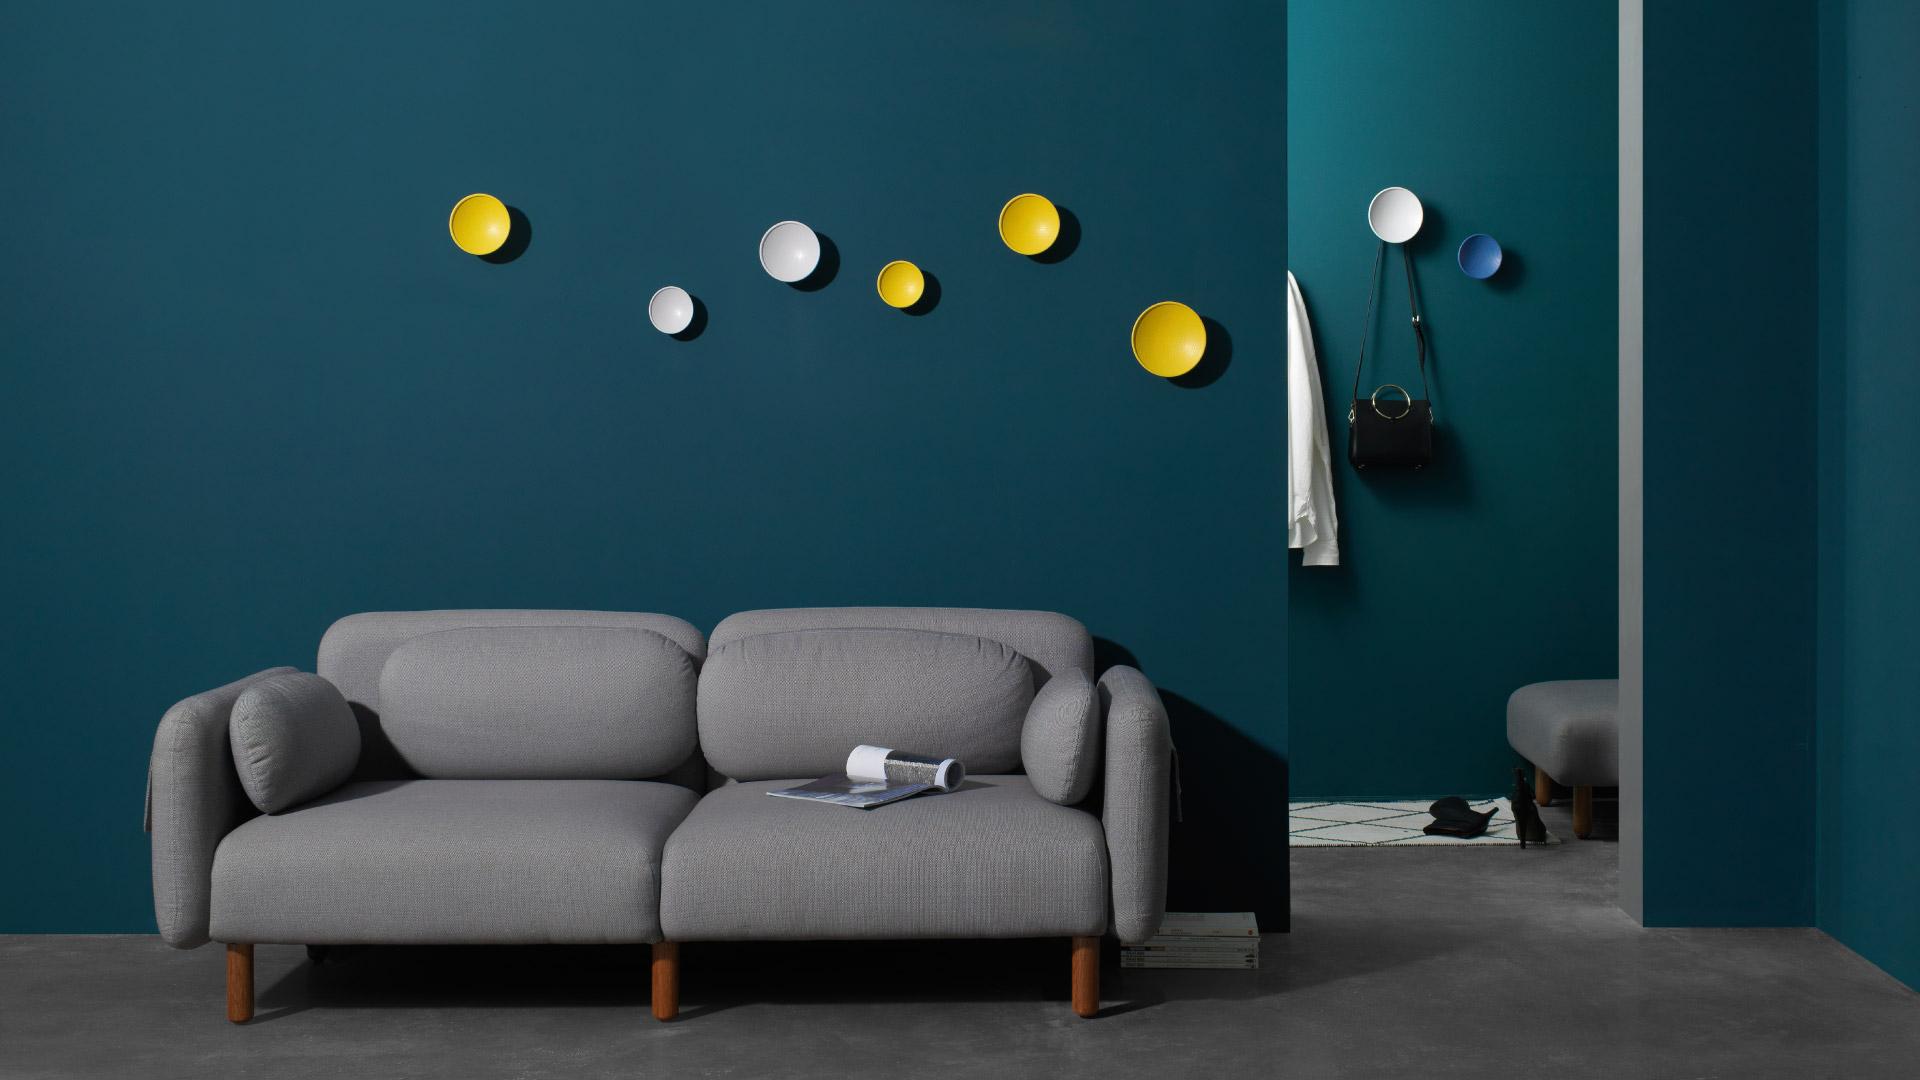 大胆和墙面撞色搭配,深深浅浅的装饰色,带来惊喜的视觉张力,色彩玩家的墙面软装首选。?x-oss-process=image/format,jpg/interlace,1